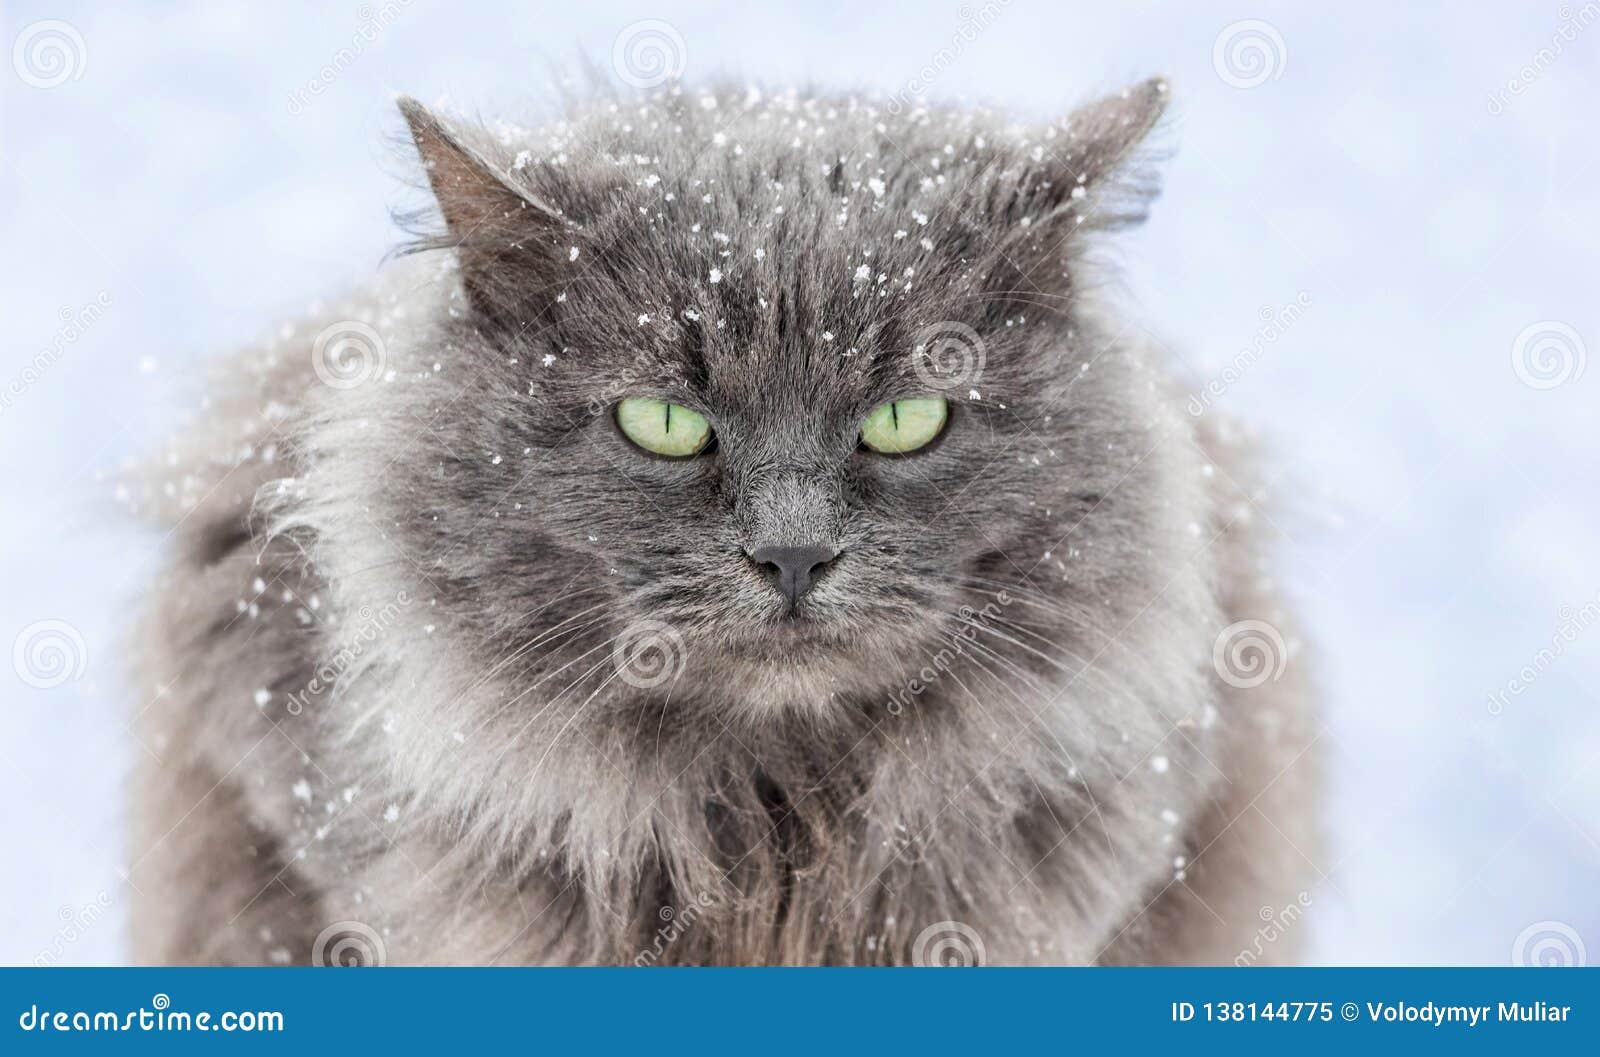 Snö-täckt katt med gröna ögon som sitter på street_en